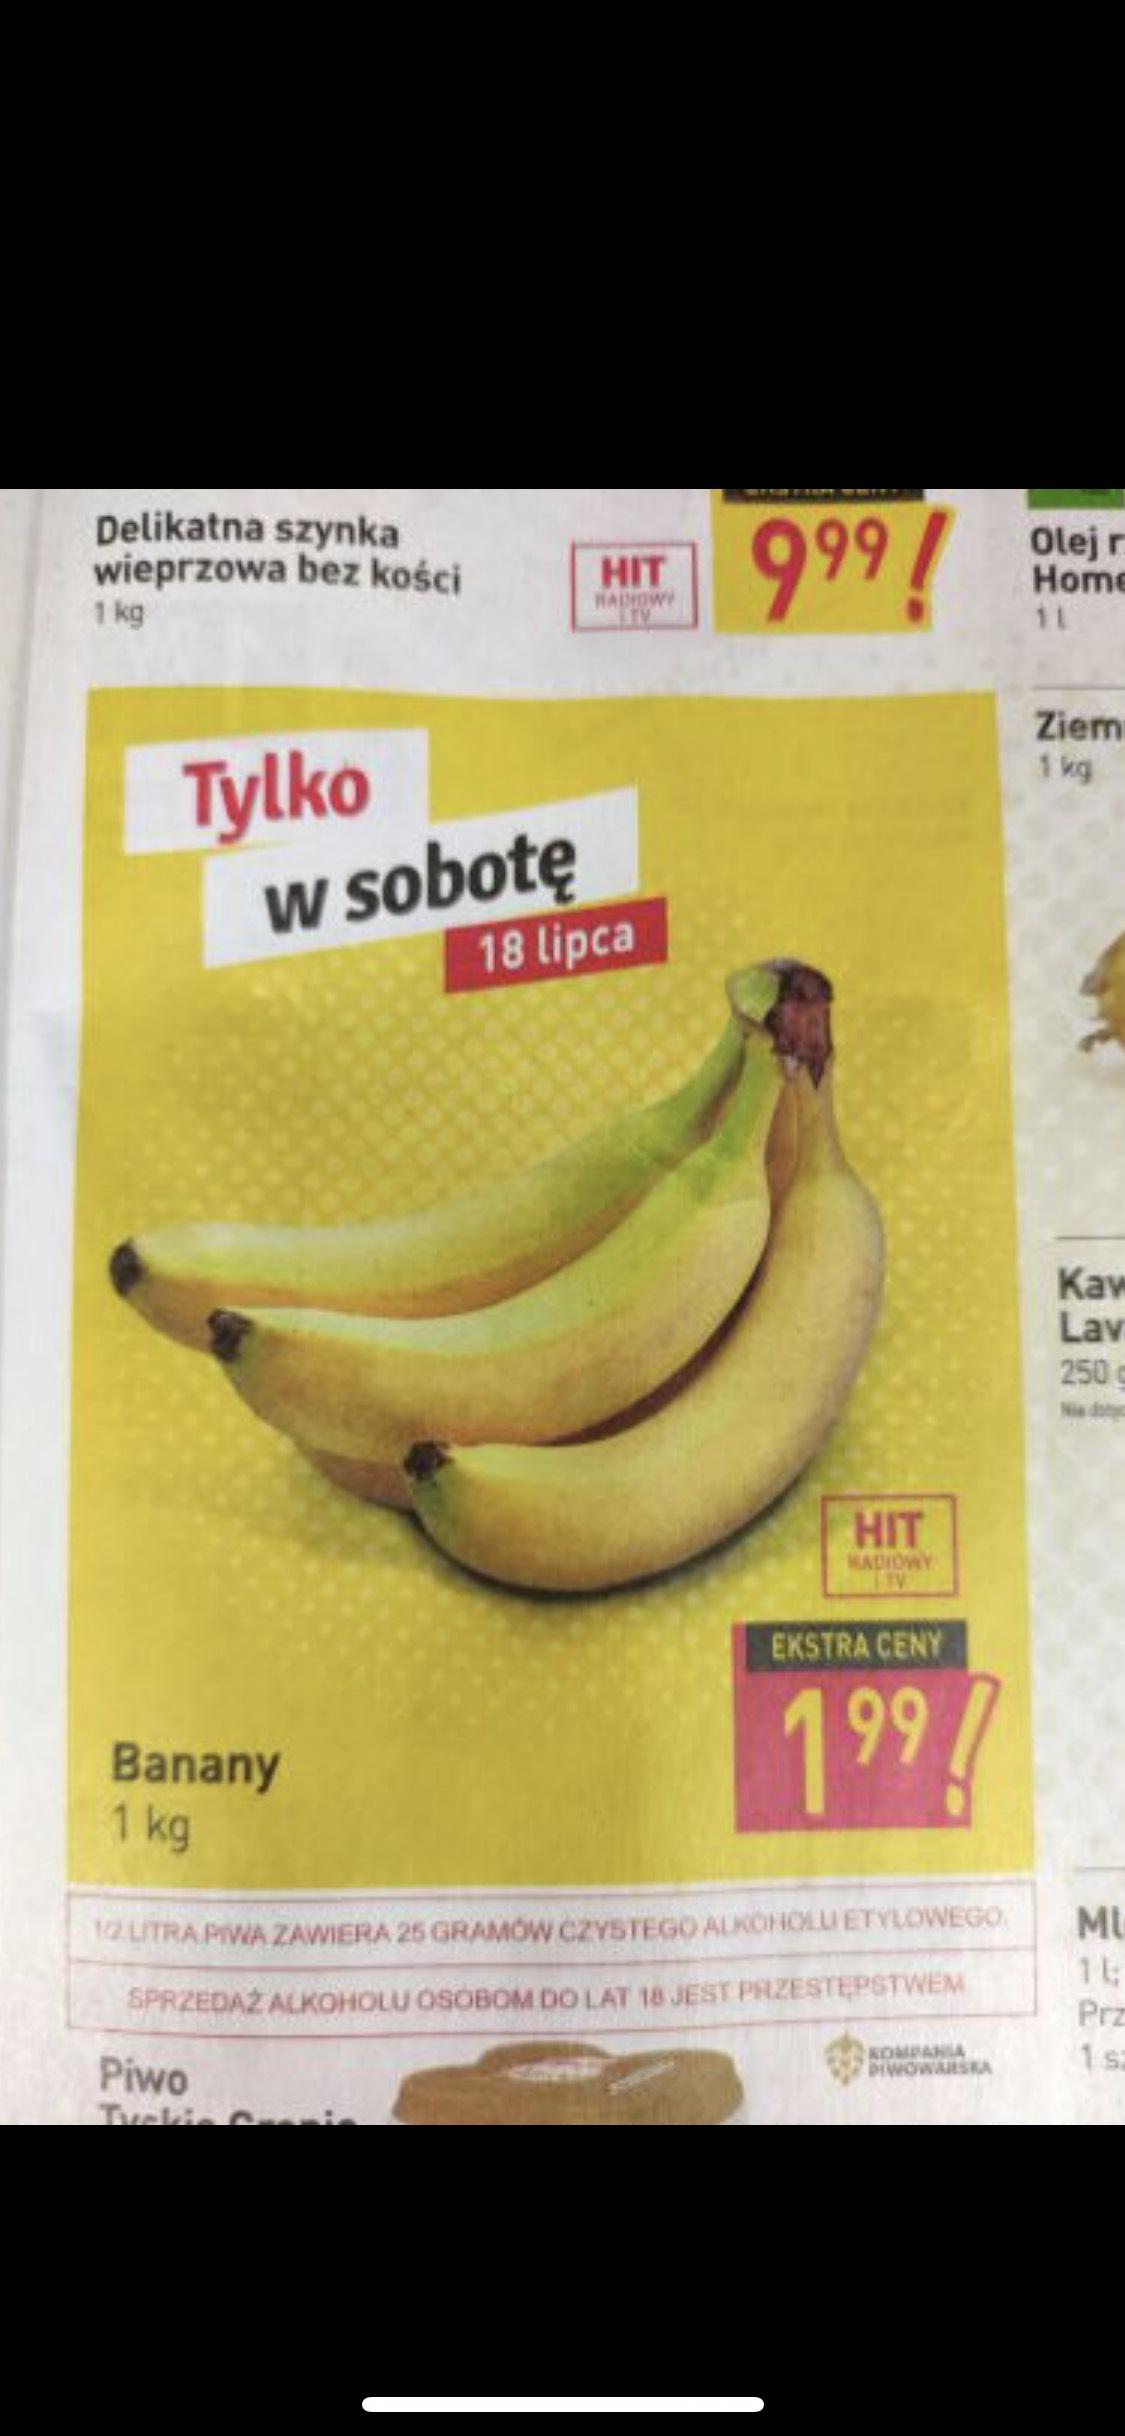 Banany po 1,99 zł za 1 kg w sobotę Stokrotka